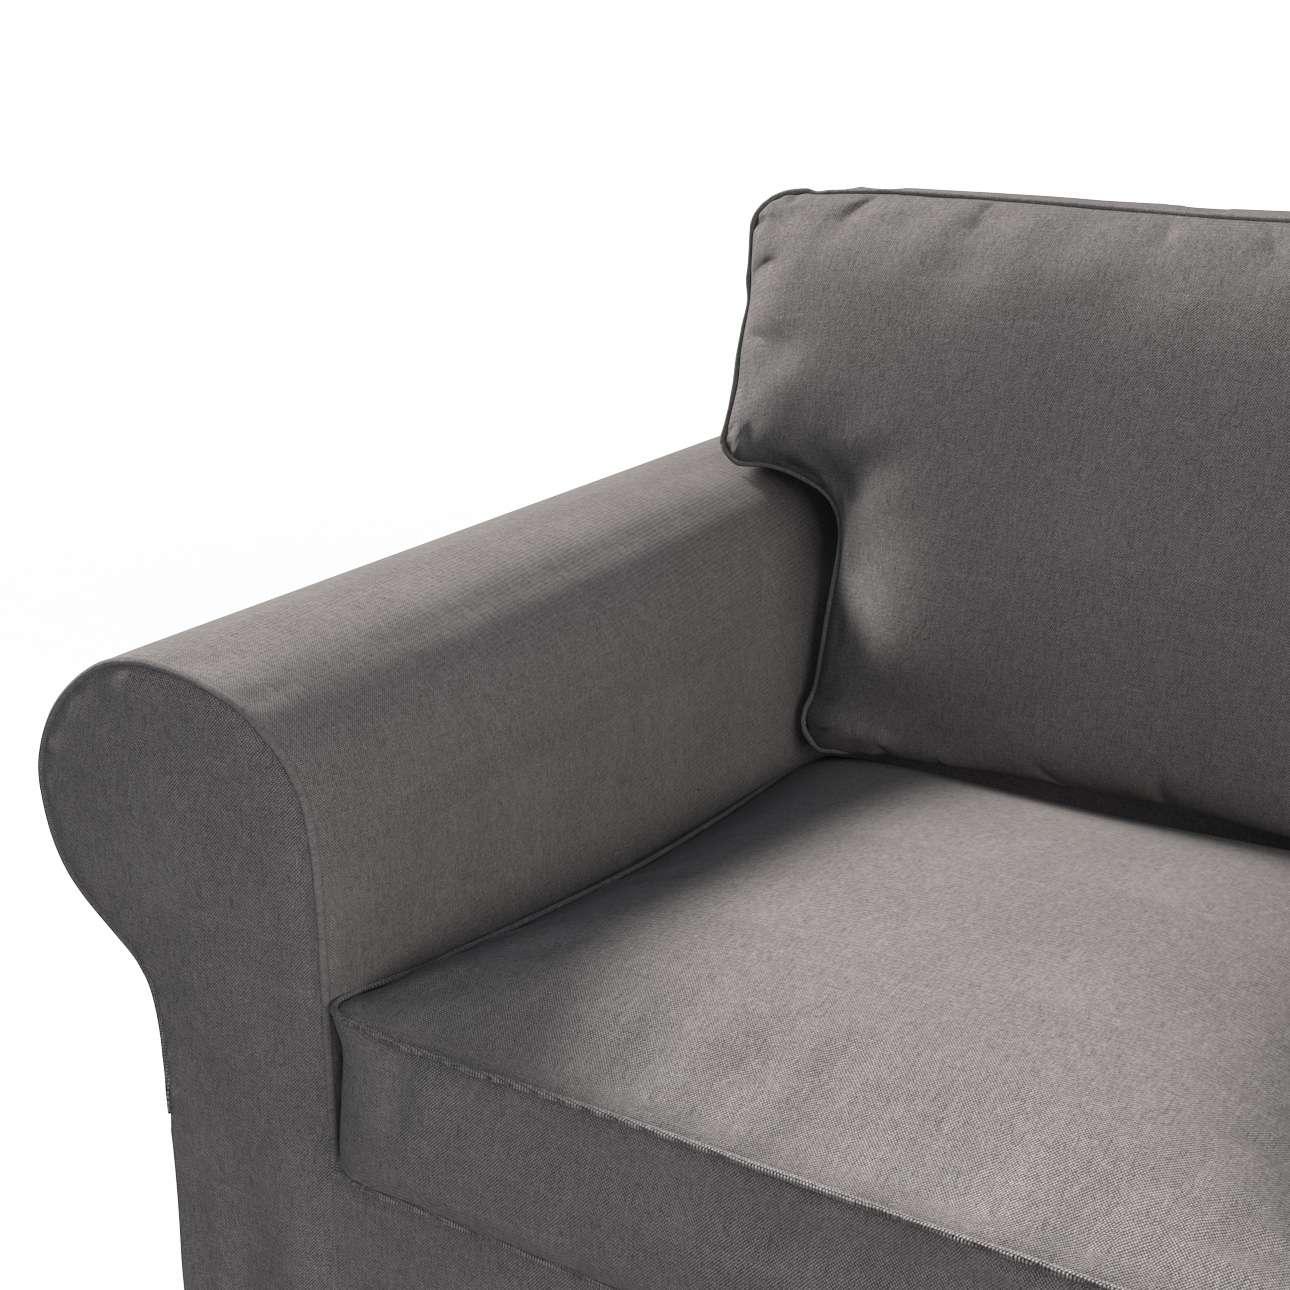 Ektorp 2-Sitzer Sofabezug nicht ausklappbar Sofabezug für  Ektorp 2-Sitzer nicht ausklappbar von der Kollektion Etna, Stoff: 705-35